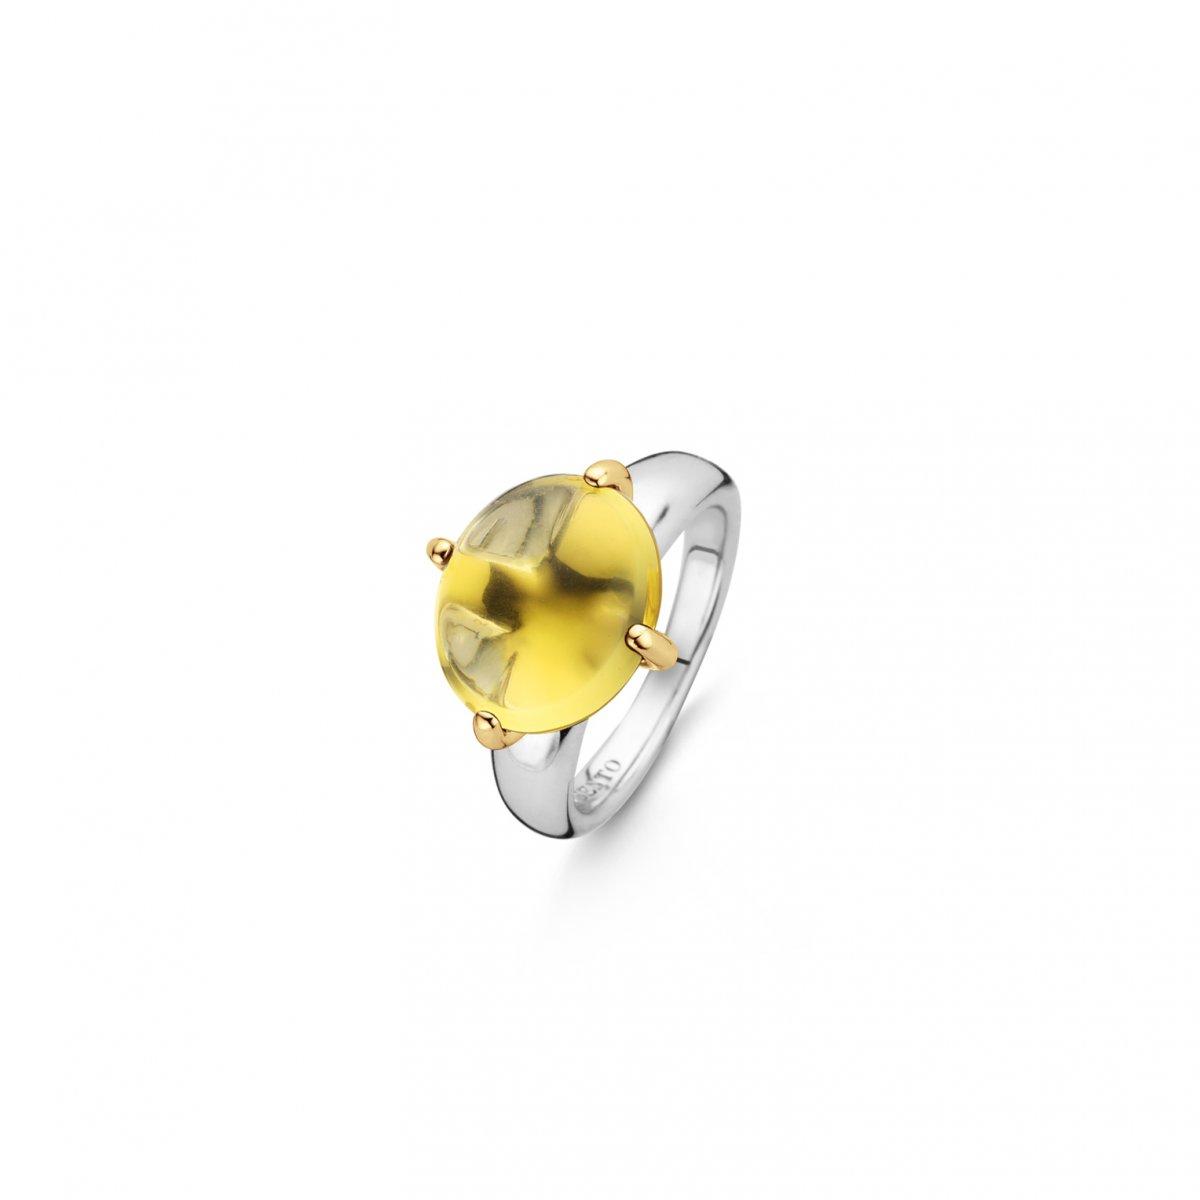 Strieborný prsteň TI SENTO so žltým kameňom